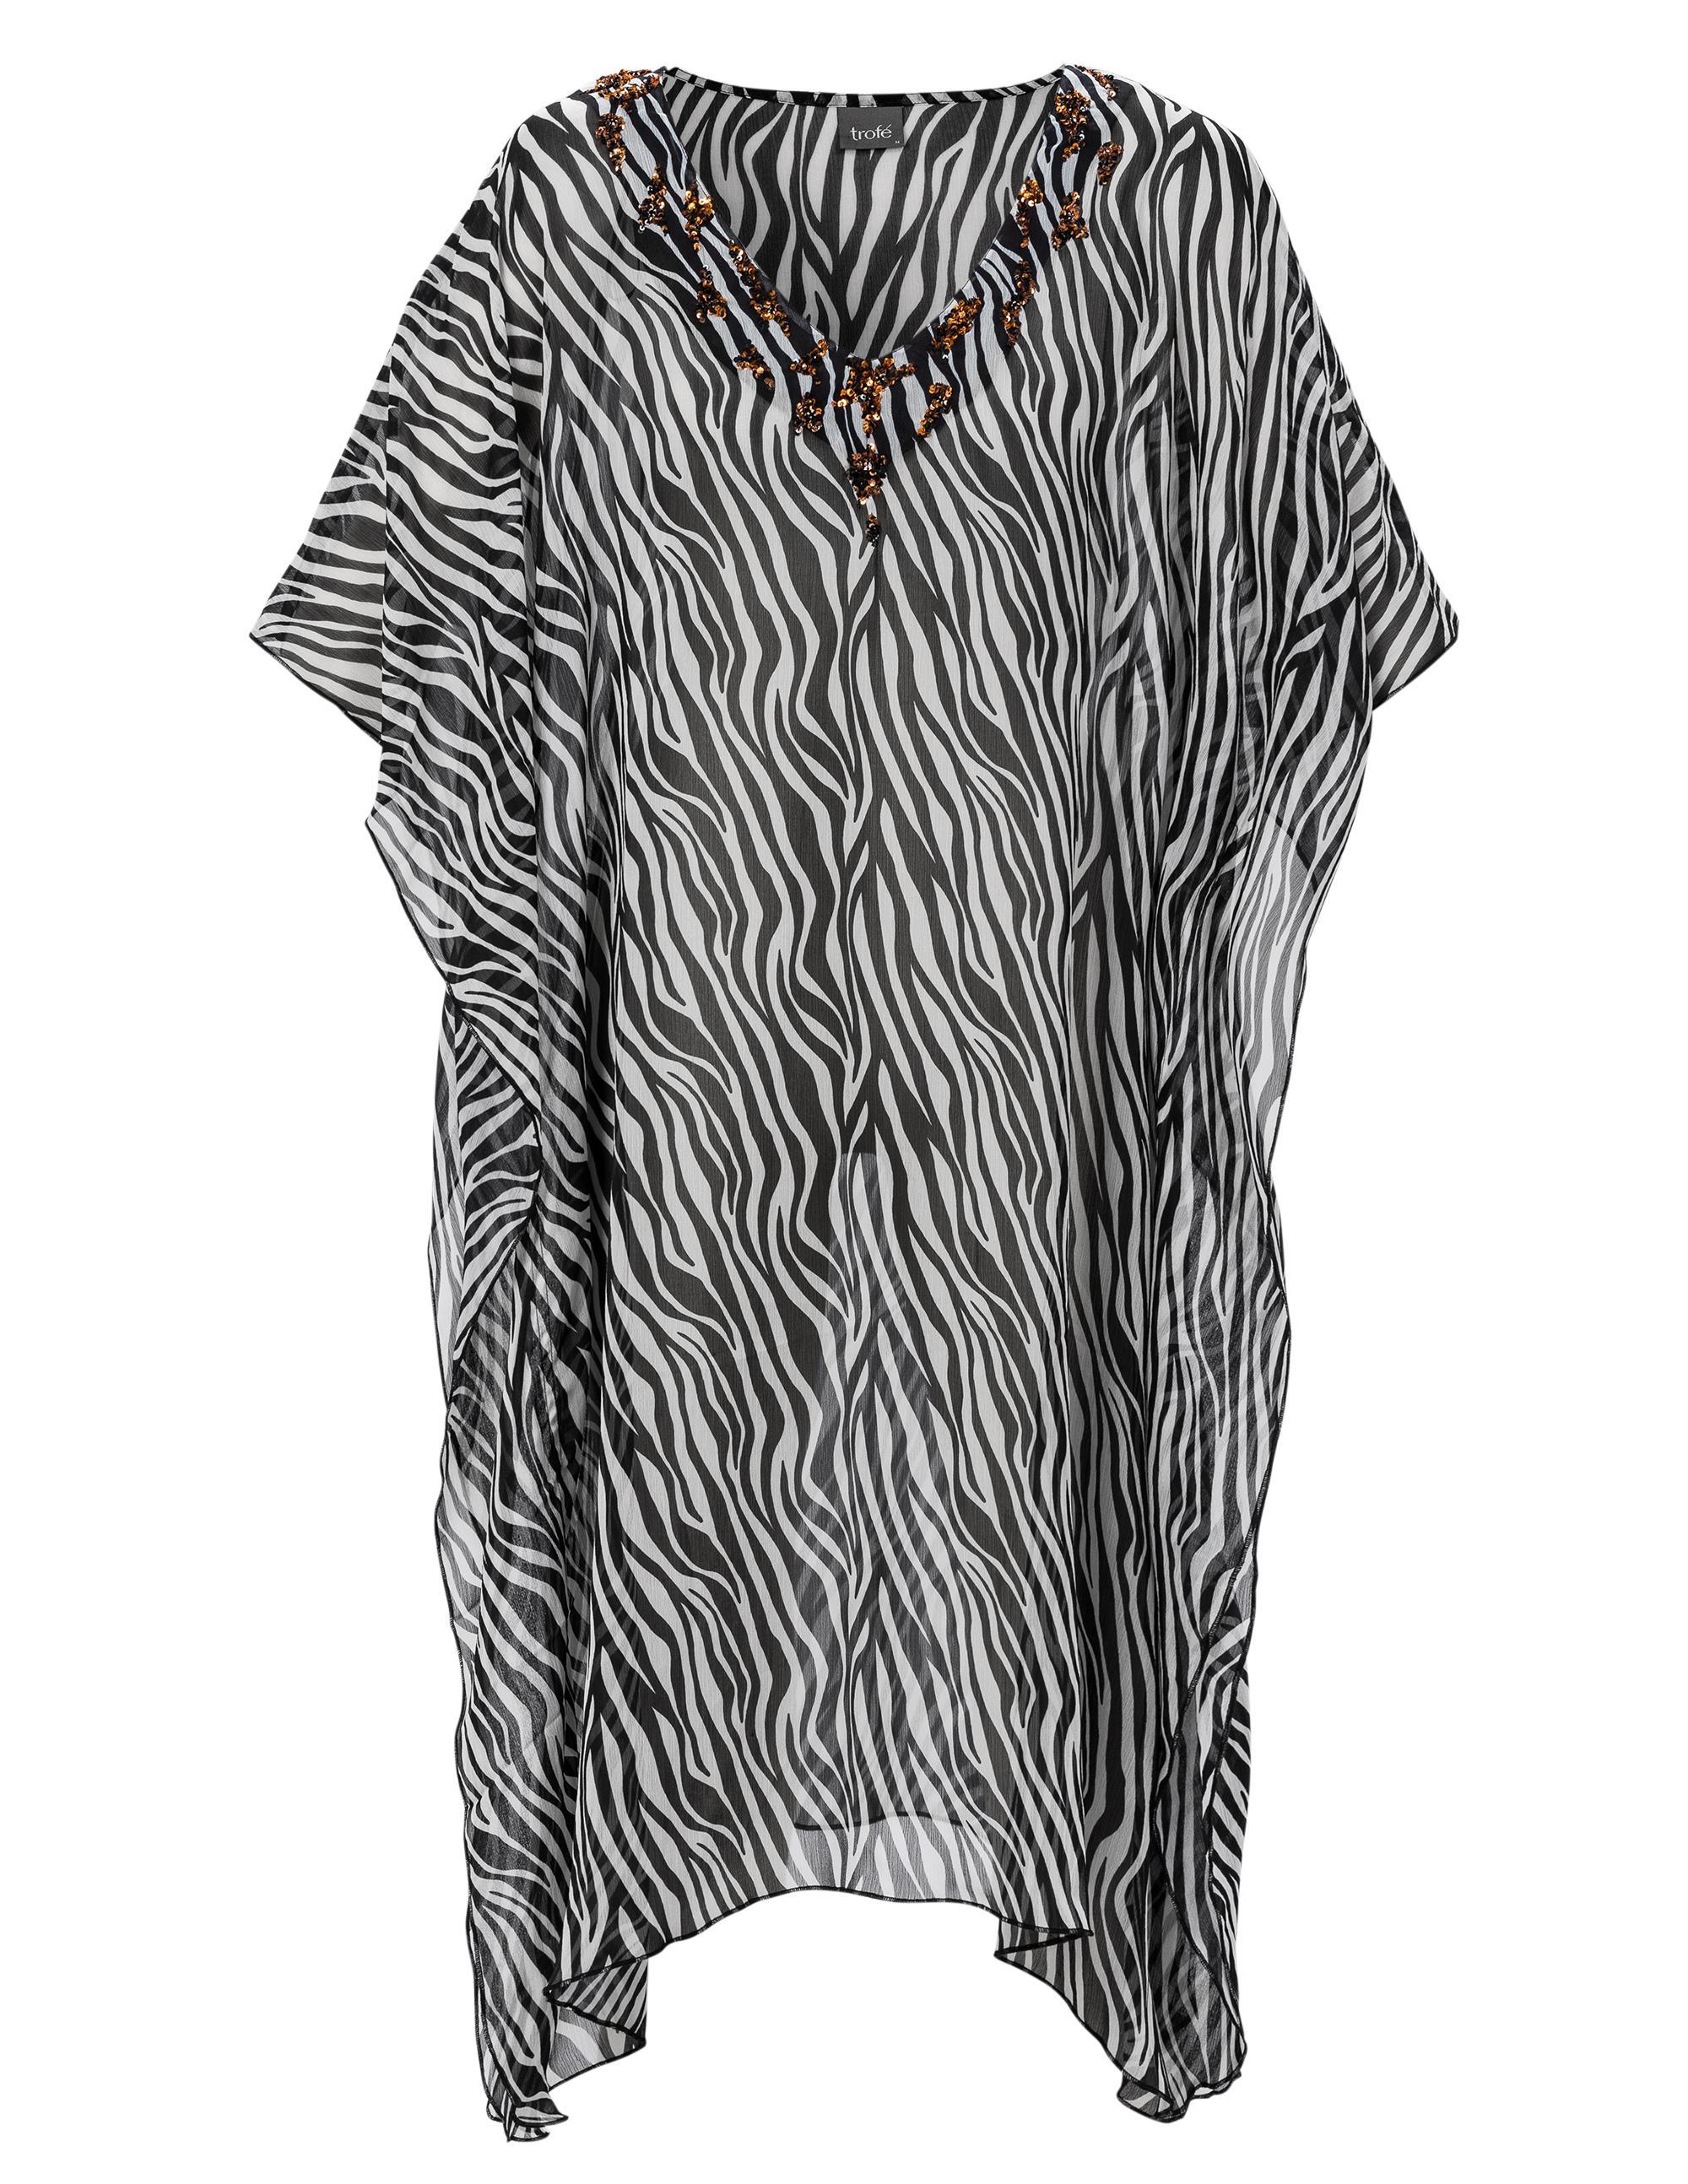 Kaftan Strandklänning Zebra Svart/Vit